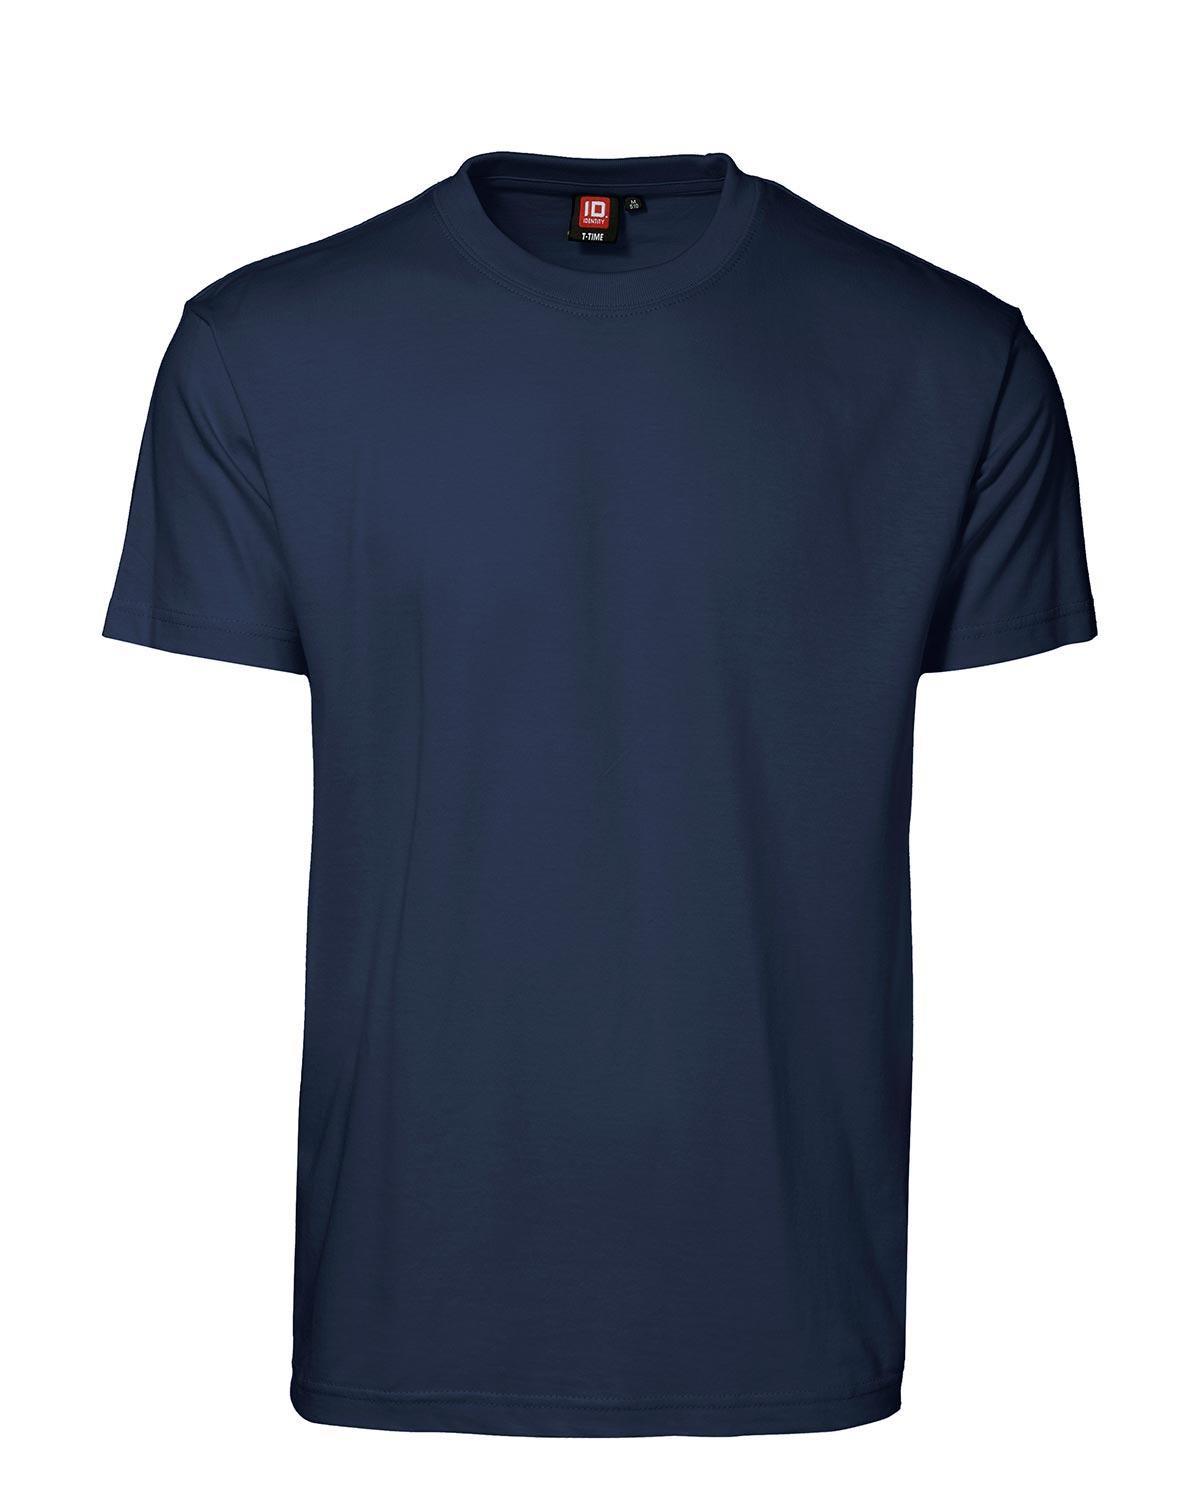 ID T-Time T-shirt, rund hals (Navy, M)